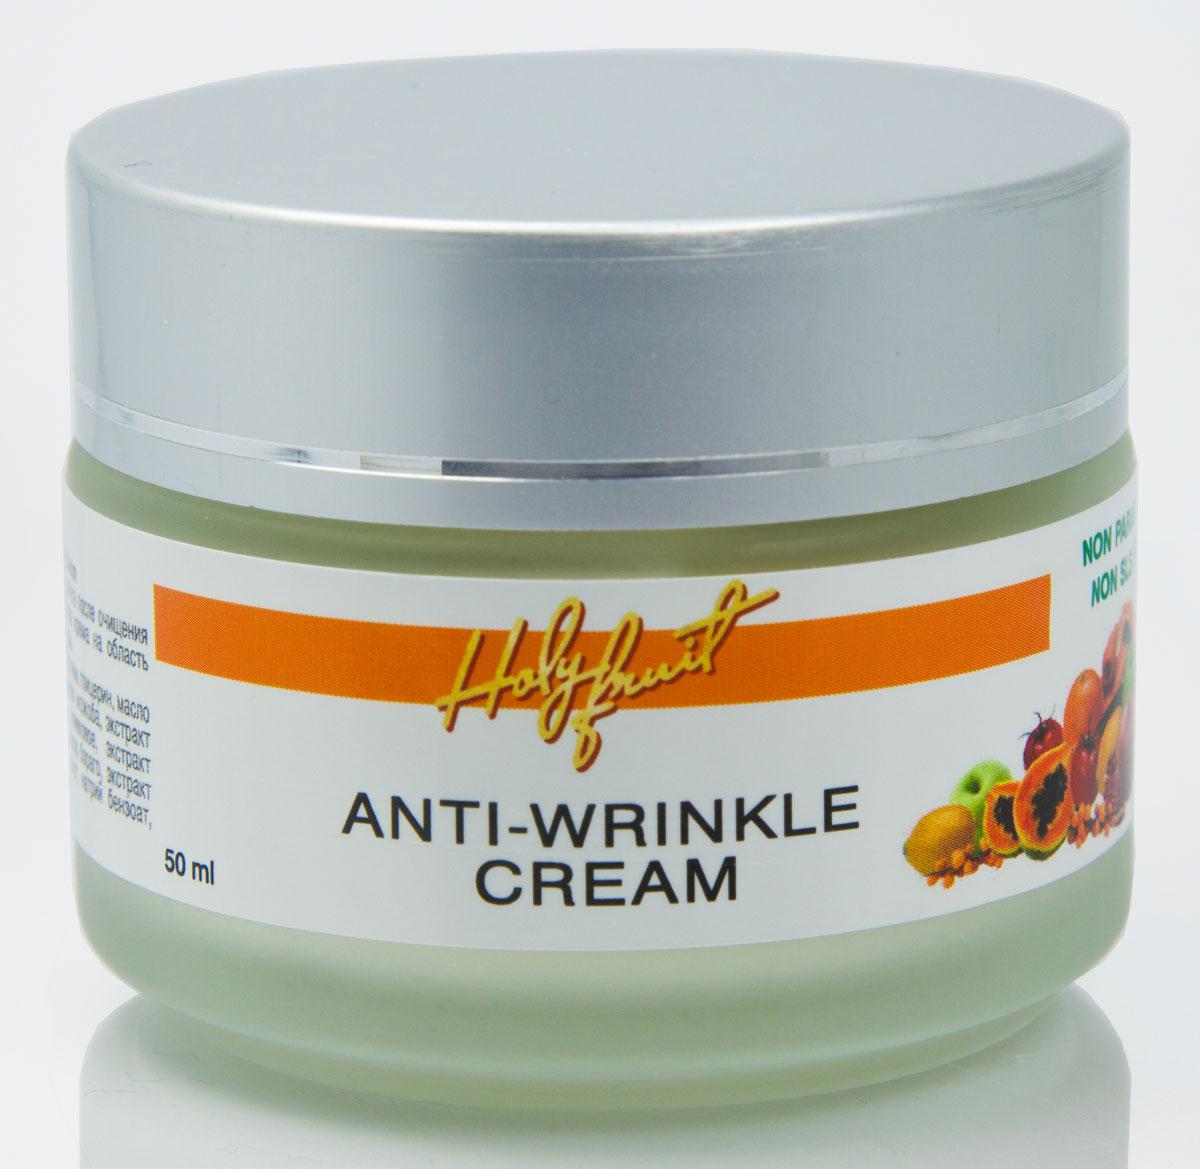 Holy Fruit Крем Крем против морщин Anti-Wrinkle Cream, 50 мл7290008564465Для создания этого активного антивозрастного крема отобраны самые эффективные компоненты, наполняющие энергией, питающие кожу на клеточном уровне. Примула вечерняя, особенно значимой для женщины, разглаживает кожу, повышает ее упругость и эластичность. Экстракт настурции и масло облепихи справляются с усталостью кожи, наполняя ее влагой и природным витамином Е, осветляют пигментные пятна. Масло огуречника (бораго) запускает деление клеток и обновление эпидермиса, смягчает выраженности морщинок. Экстракт яблока, алоэ укрепляют стенки сосудов, кожа заметно подтягивается. При регулярном использовании исчезает сосудистая сеточка. Масло и экстракт календулы активизируют процессы обмена в клеточной структуре, восстанавливают поврежденные клетки кожи. Крем обладает лифтинговым эффектом.